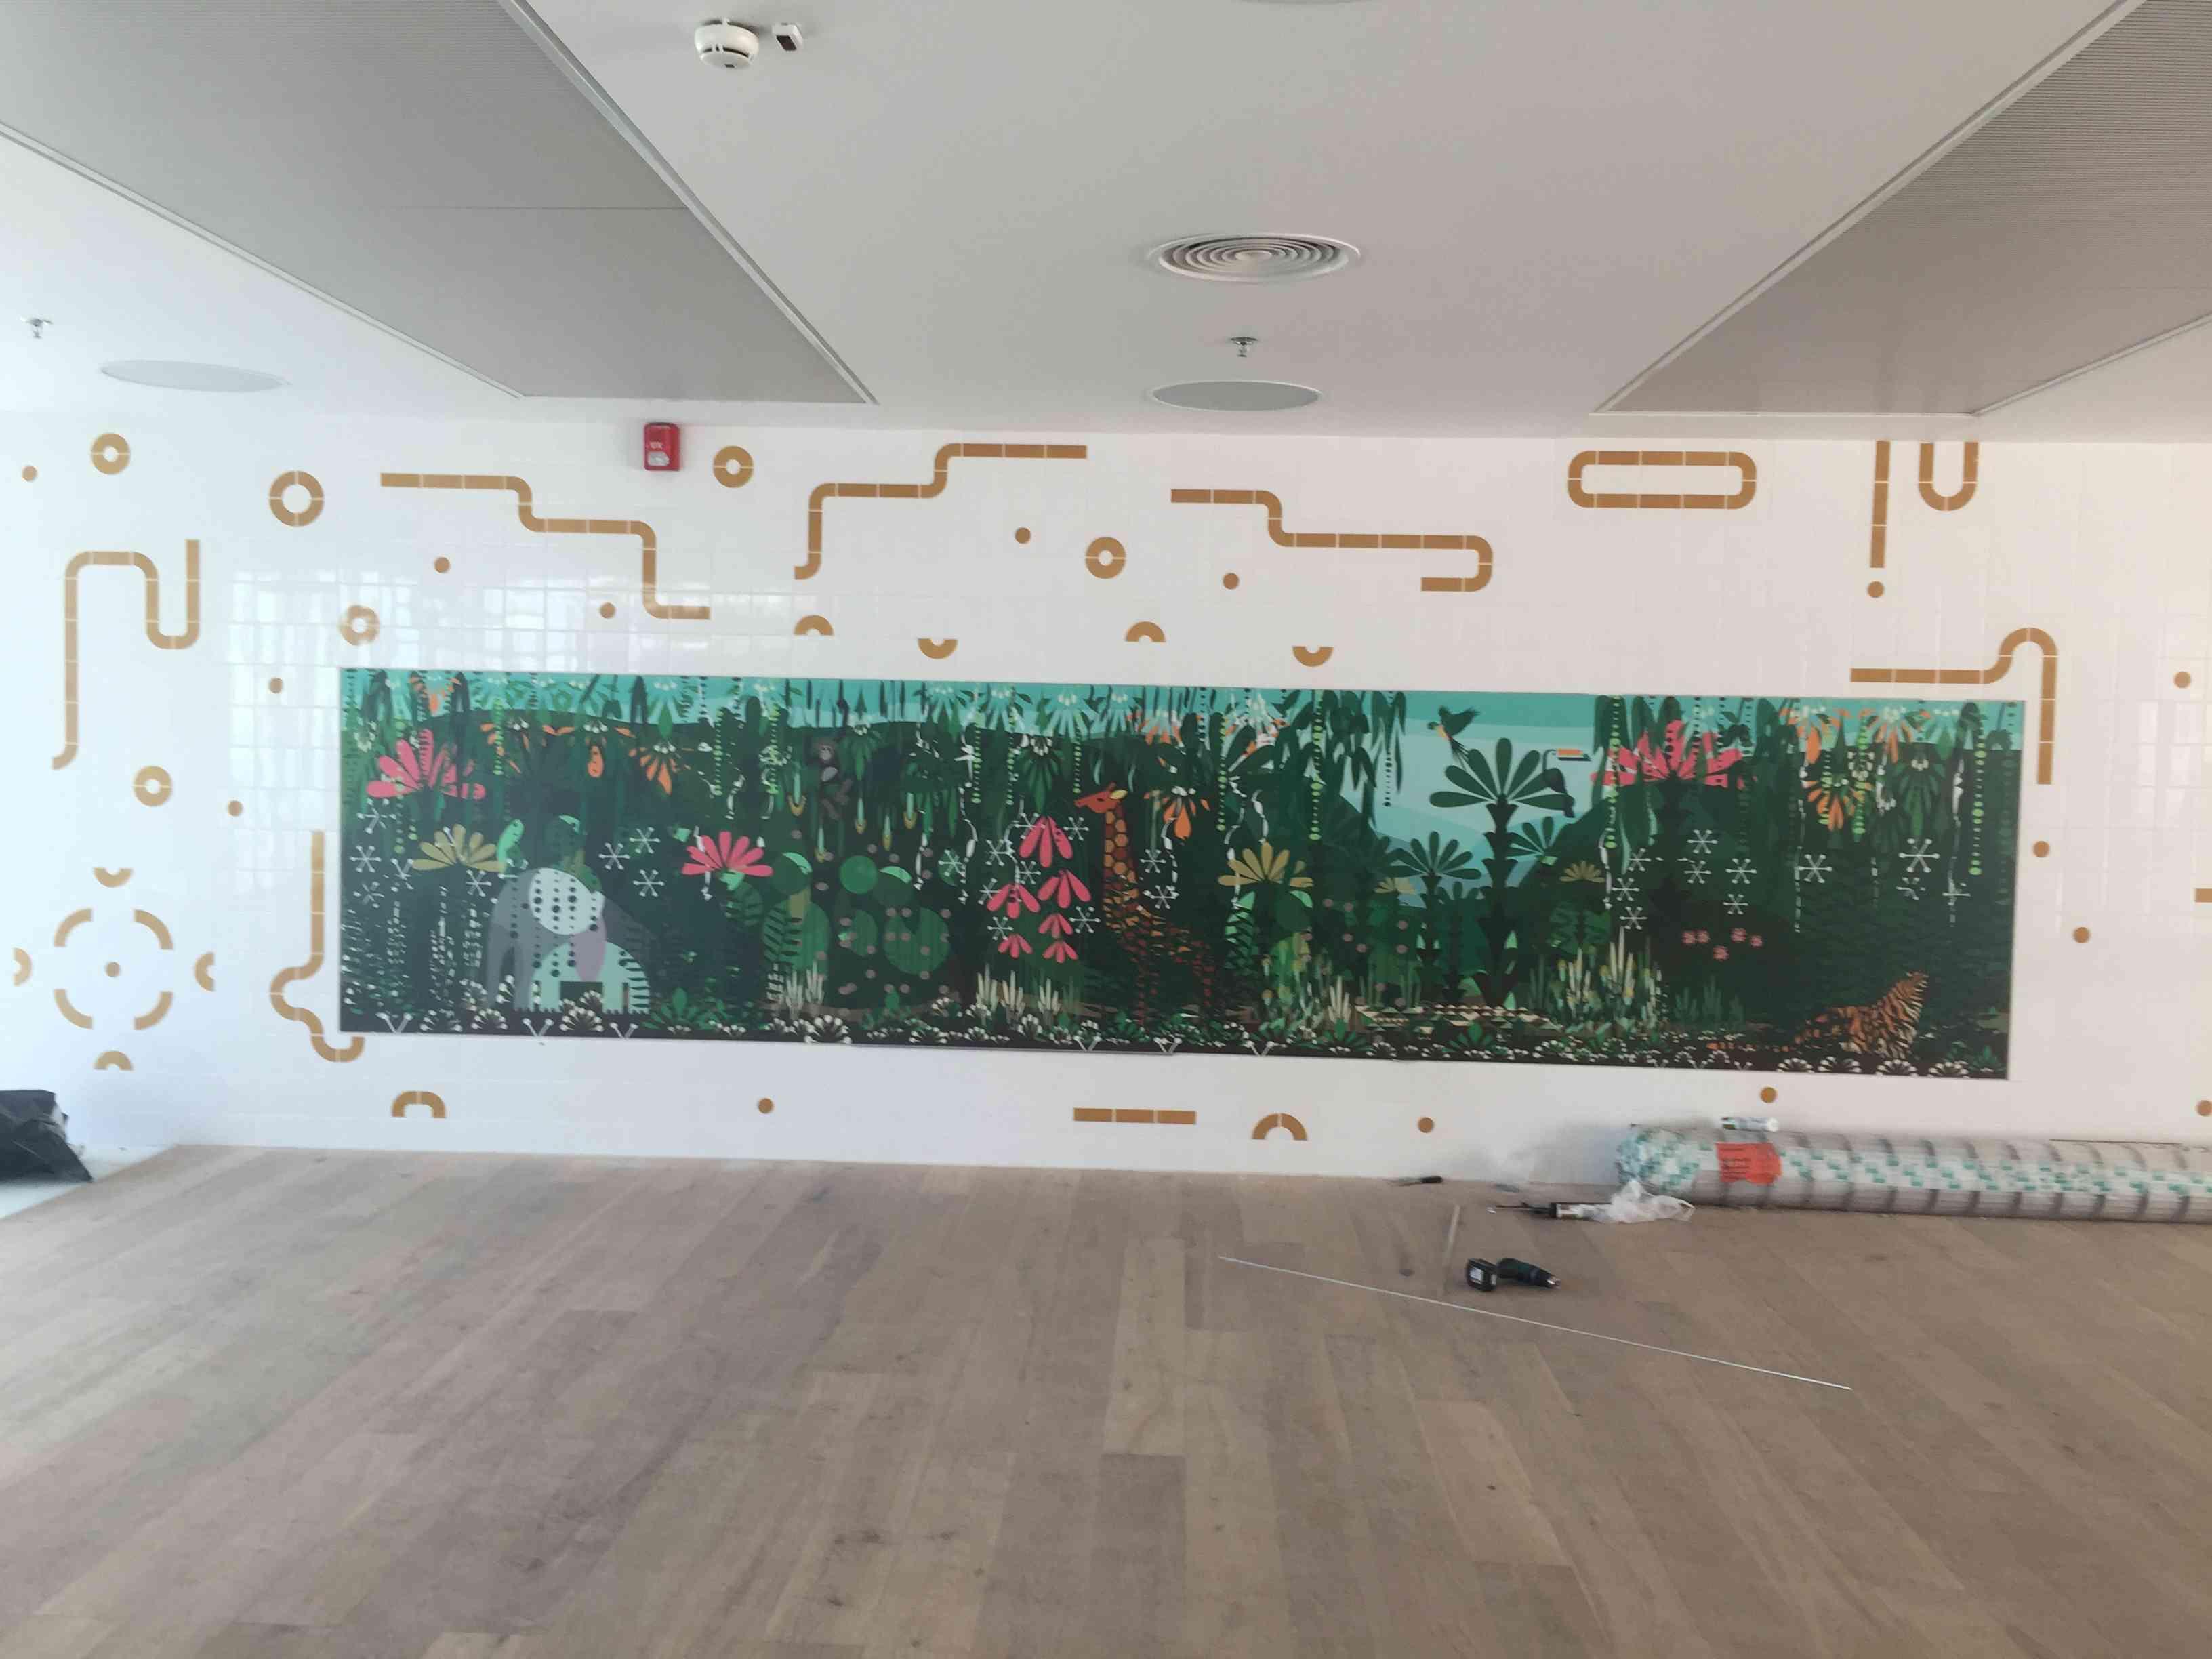 """לדרמן חריטה אומנותית - שילוט המרכז לבריאות הילד ביה""""ח זיו בצפת"""